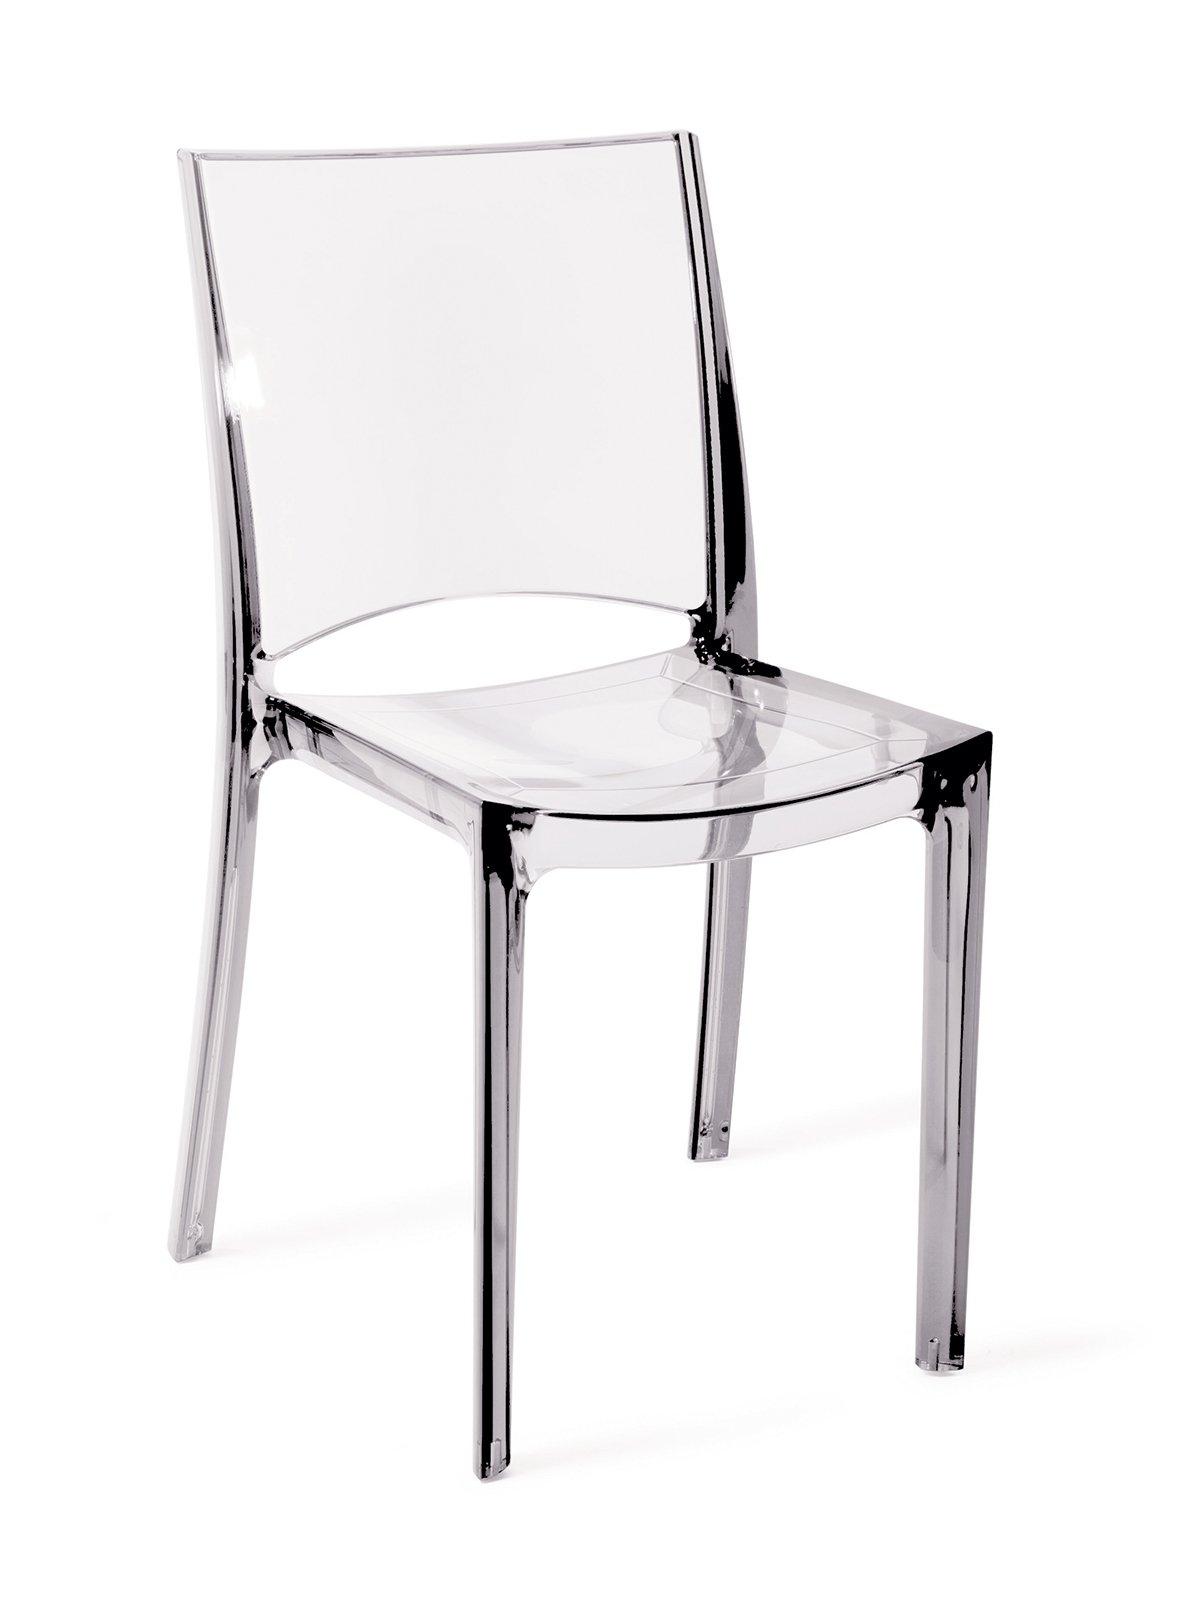 Sedie Trasparenti. E La Stanza Sembra Più Grande Cose Di Casa #6F5C5C 1177 1600 Sedie E Tavoli Ikea